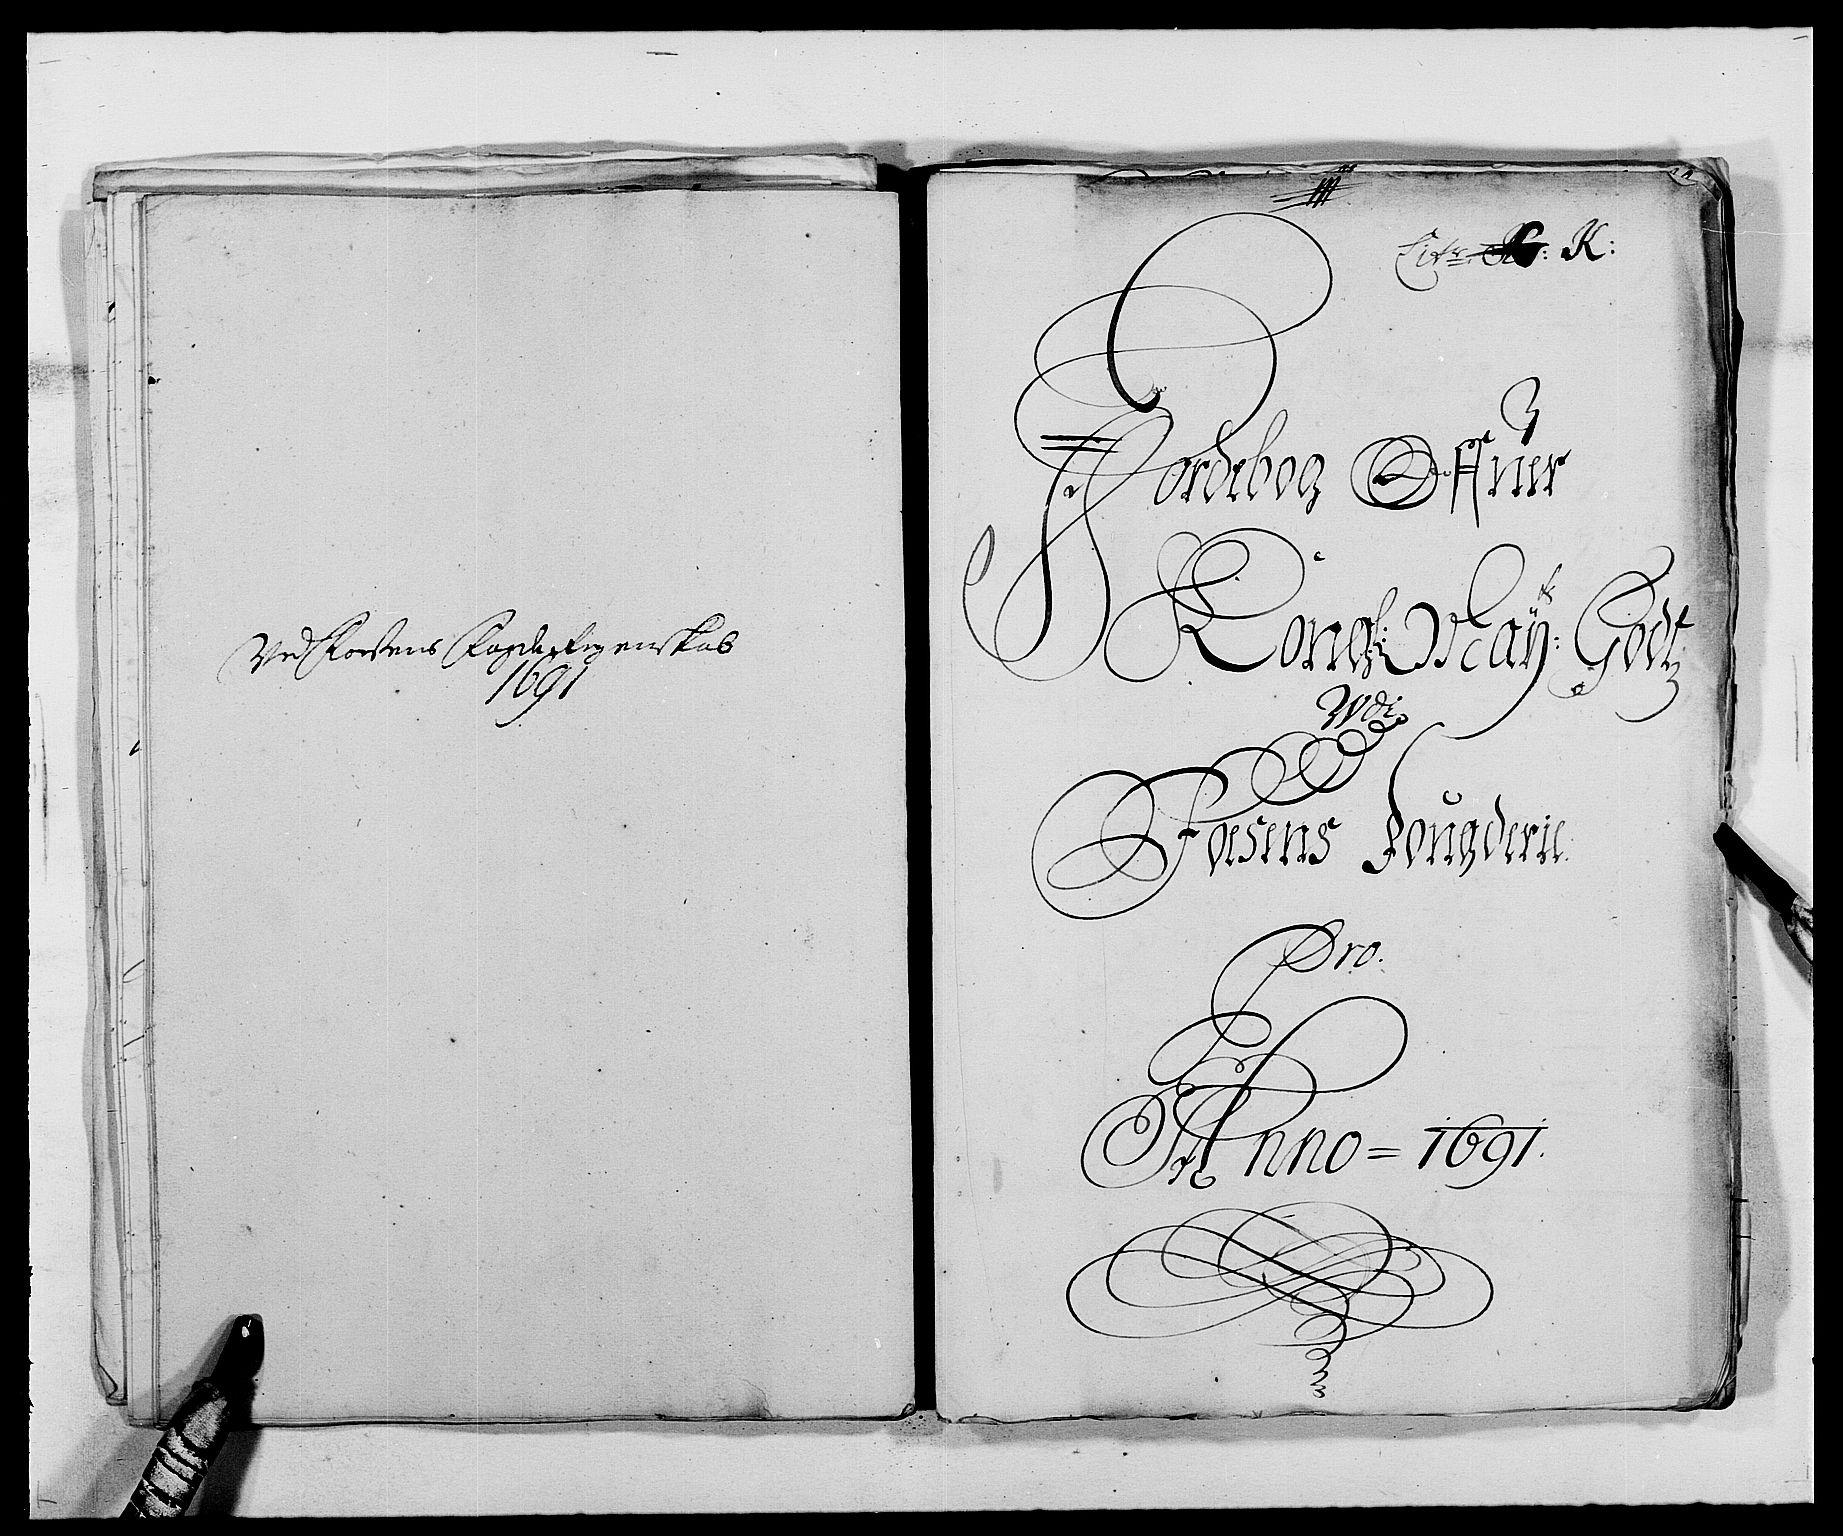 RA, Rentekammeret inntil 1814, Reviderte regnskaper, Fogderegnskap, R57/L3848: Fogderegnskap Fosen, 1690-1691, s. 311